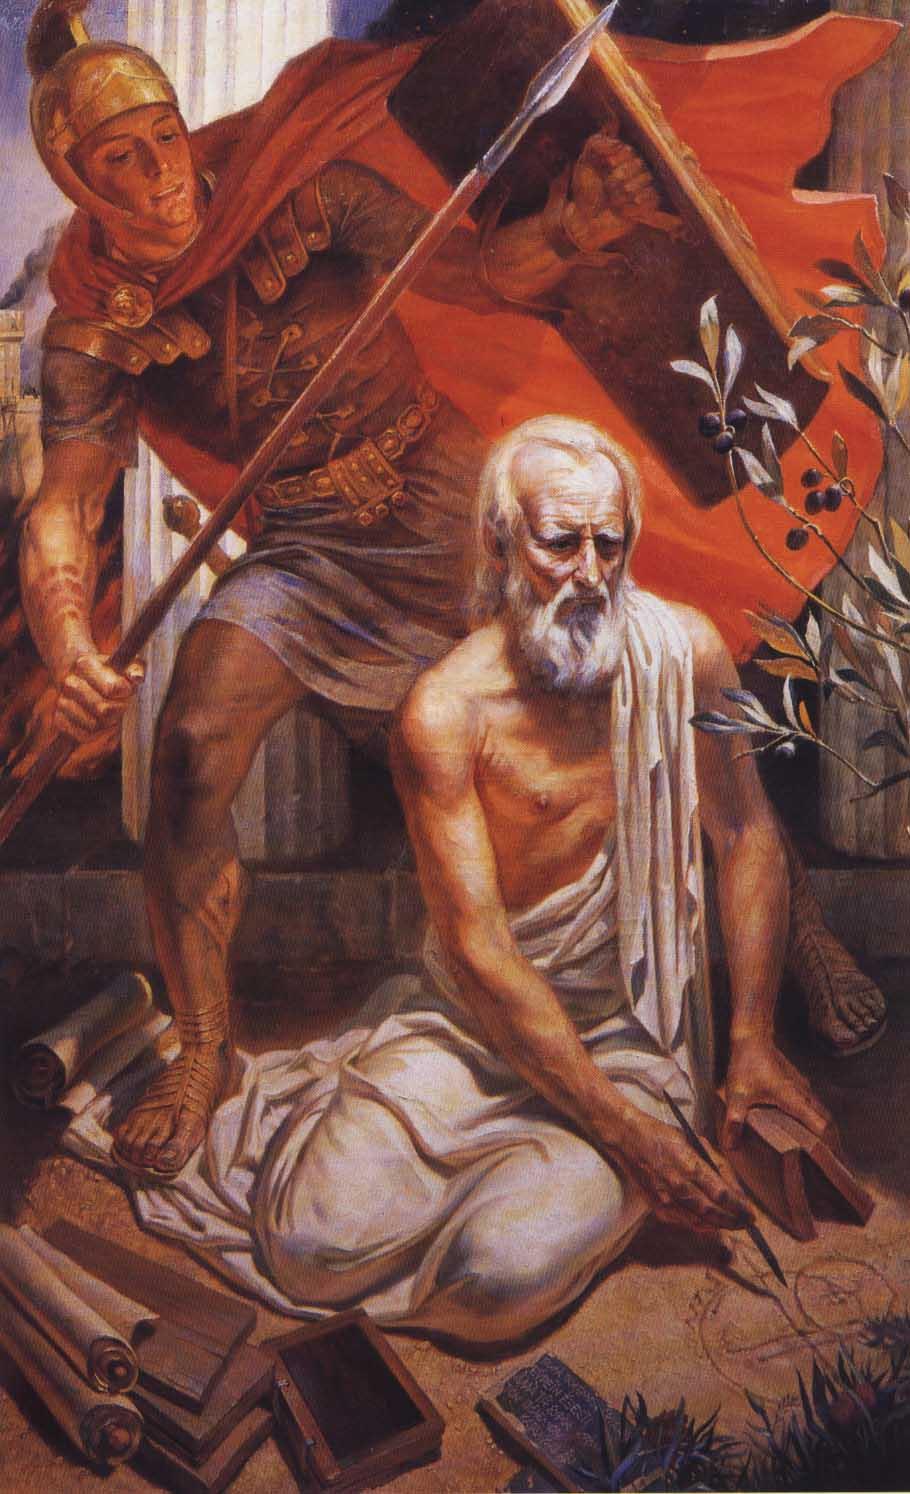 Yuri Vladimirovich Pugachev. Archimedes